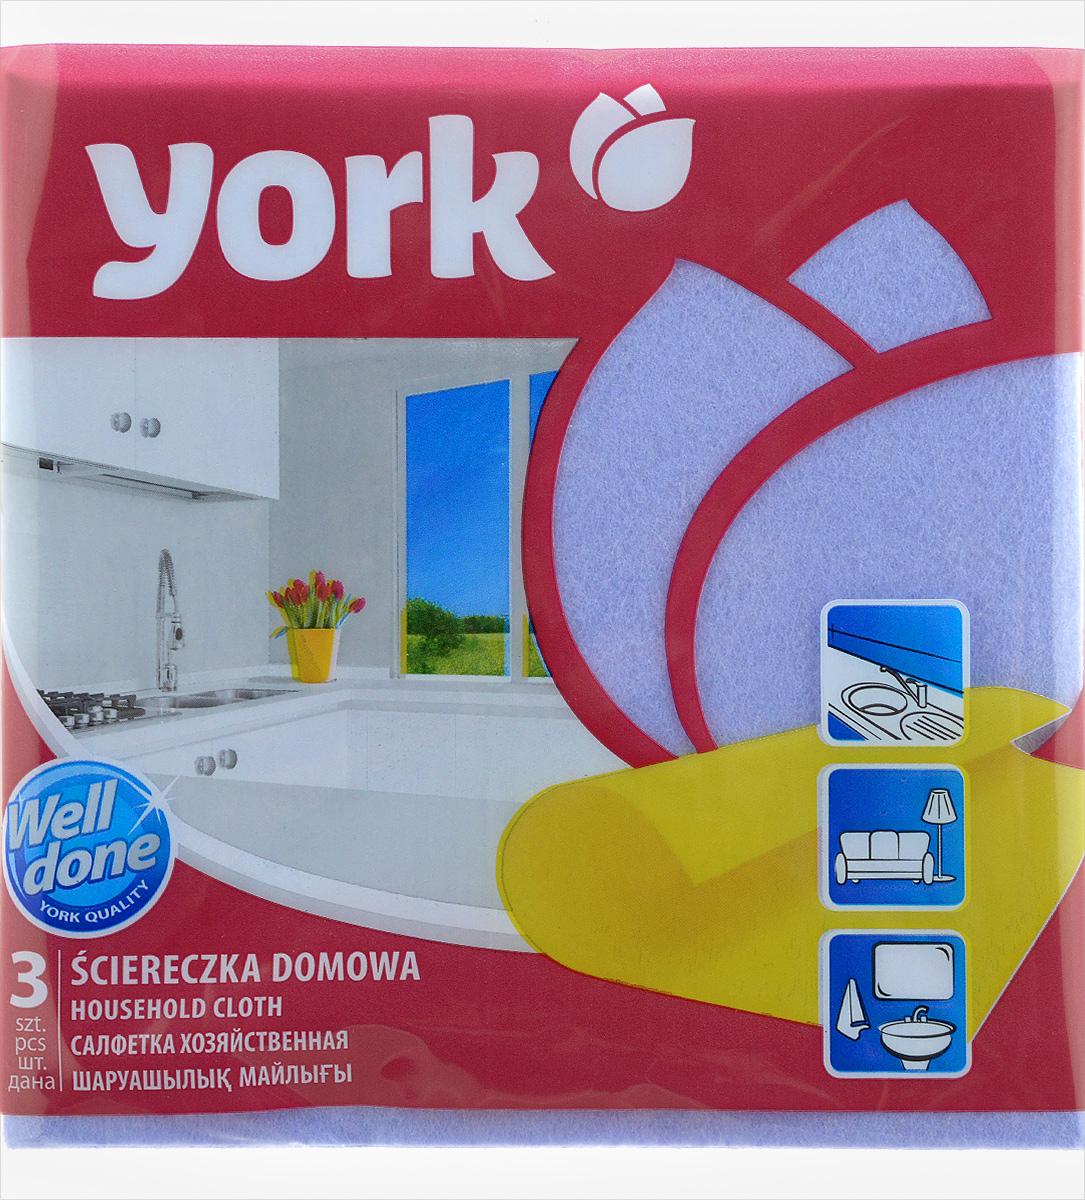 Салфетка хозяйственная York, цвет: синий, 35 х 35 см, 3 шт787502Универсальная салфетка York предназначена для мытья, протирания и полировки. Она выполнена из вискозы с добавлением полипропиленового волокна, отличается высокой прочностью. Хорошо поглощает влагу, эффективно очищает поверхности и не оставляет ворсинок. Идеальна для ухода за столешницами и раковиной на кухне, за стеклом и зеркалами, деревянной мебелью. Может использоваться в сухом и влажном виде.